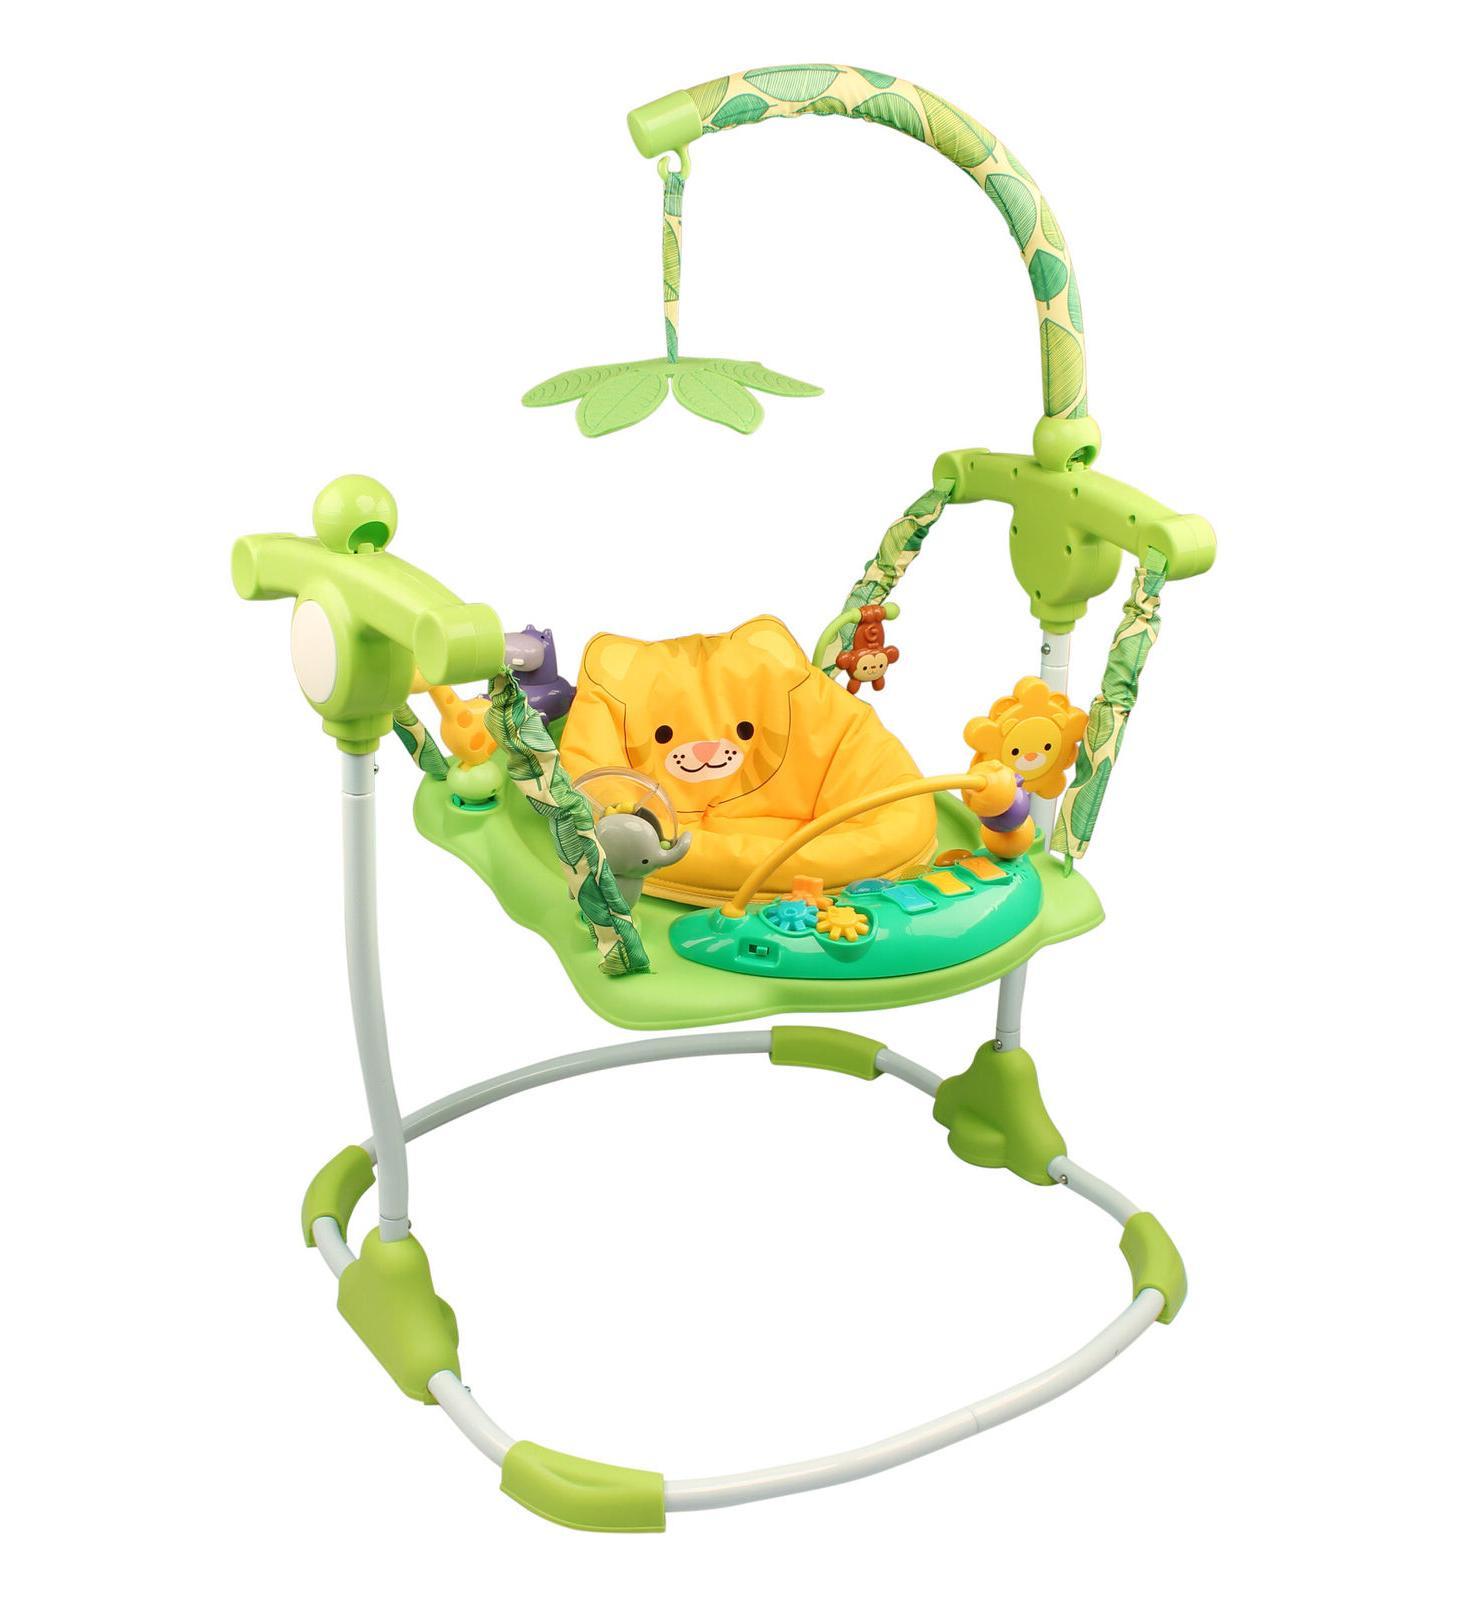 Kids Safari Jumper Toddler Exerciser Seat Fun Safe Play Baby